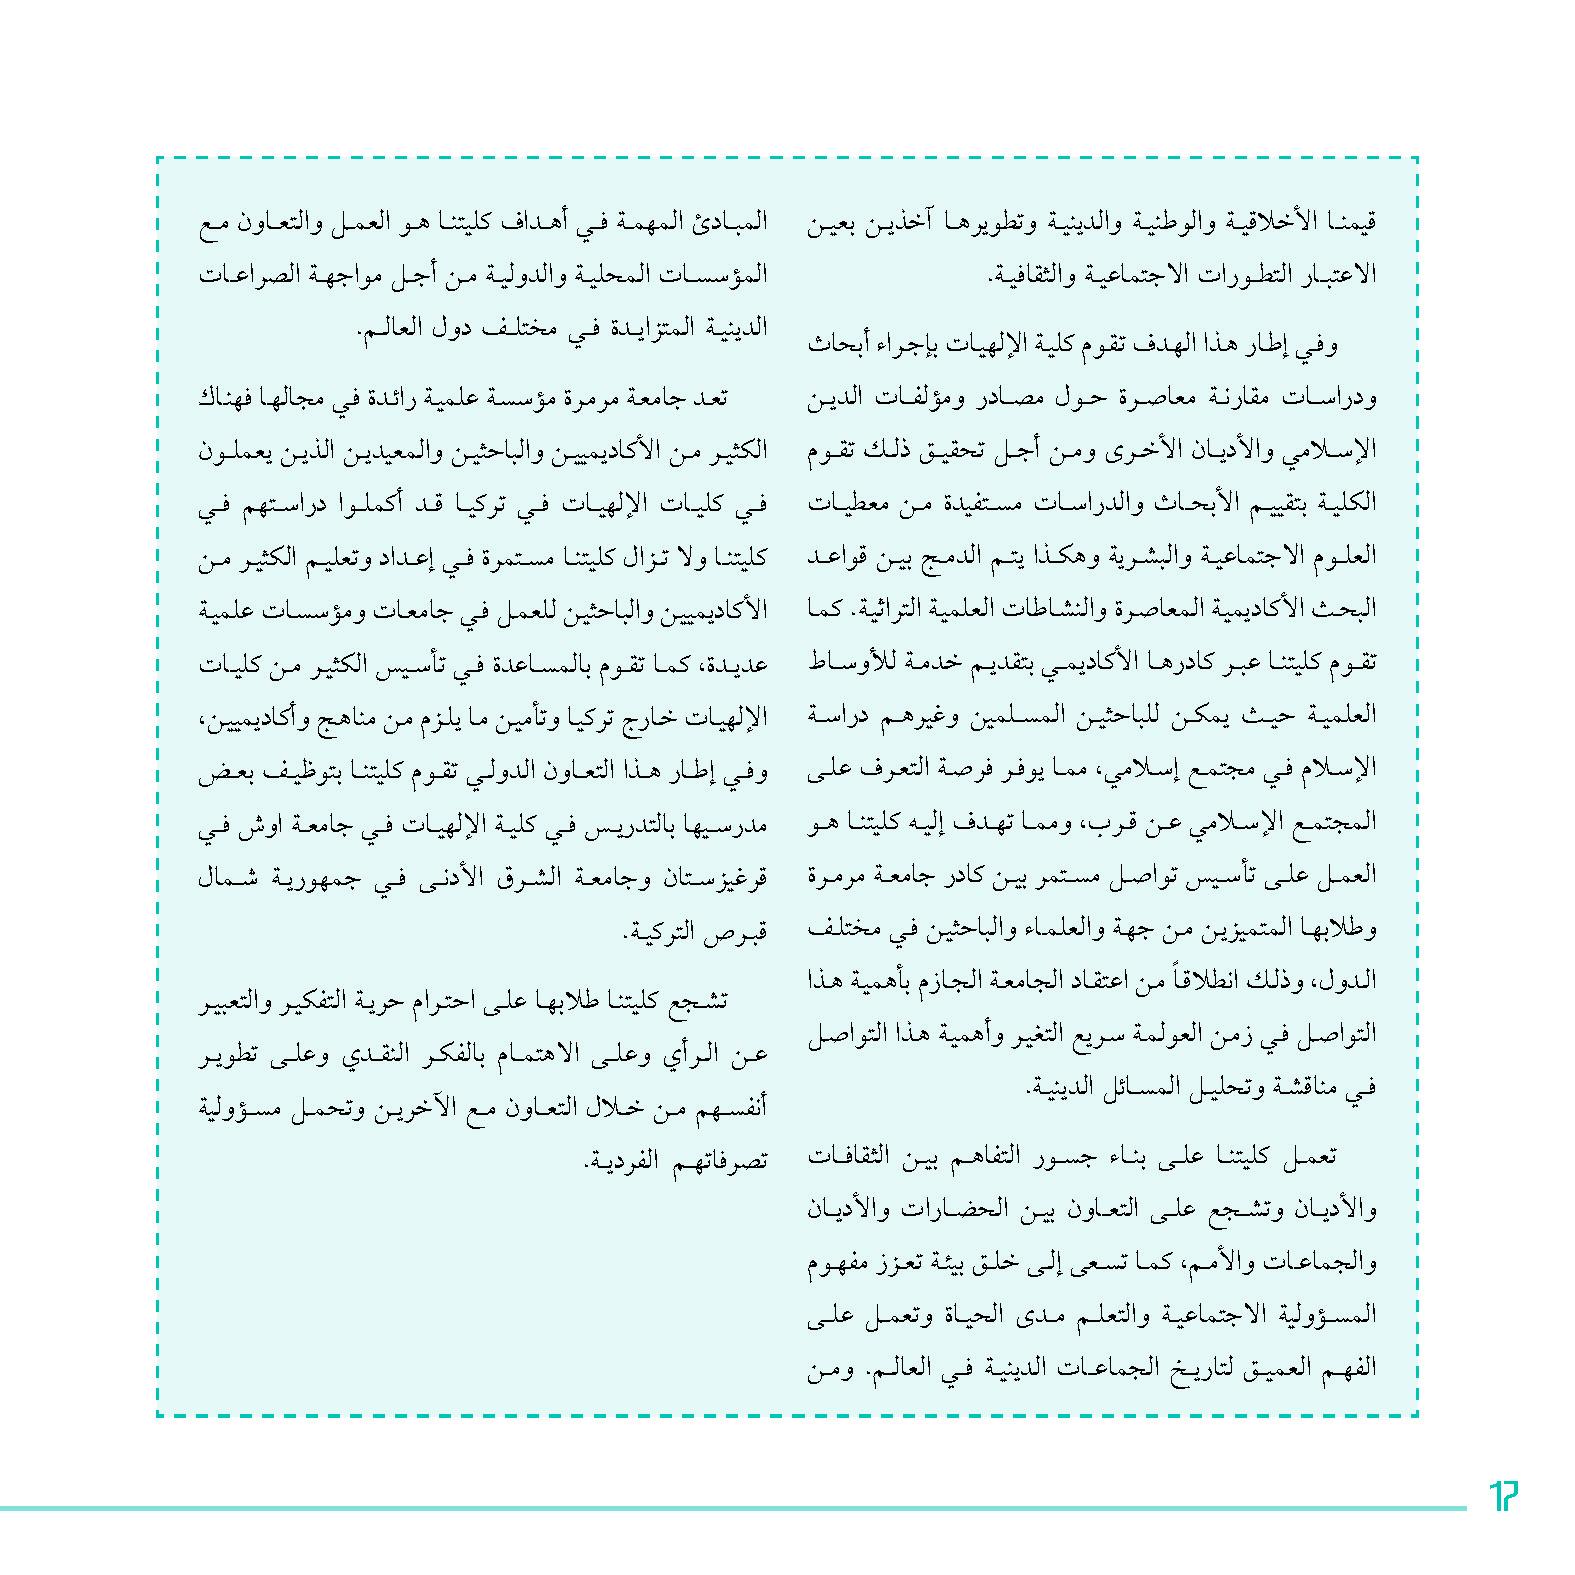 tanitim-kitapcik_Sayfa_018